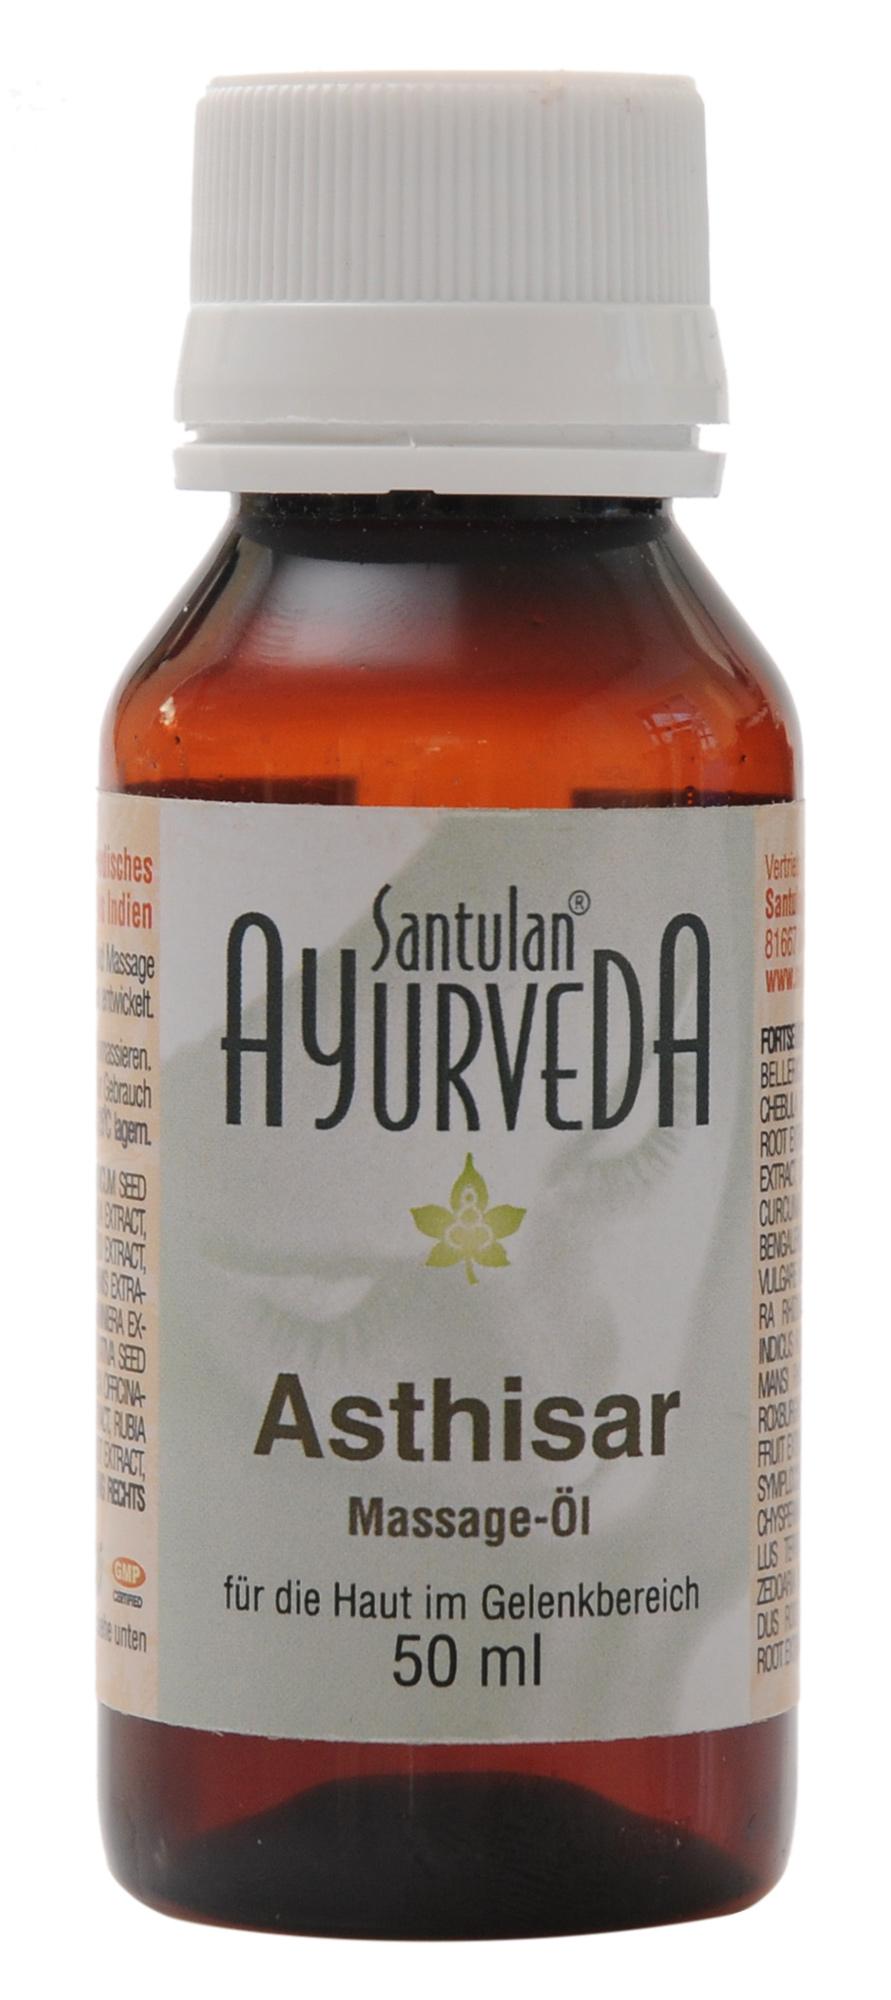 Asthisar Massage-Öl (Shanti-Öl), für die Haut im Gelenkbereich, 50 ml